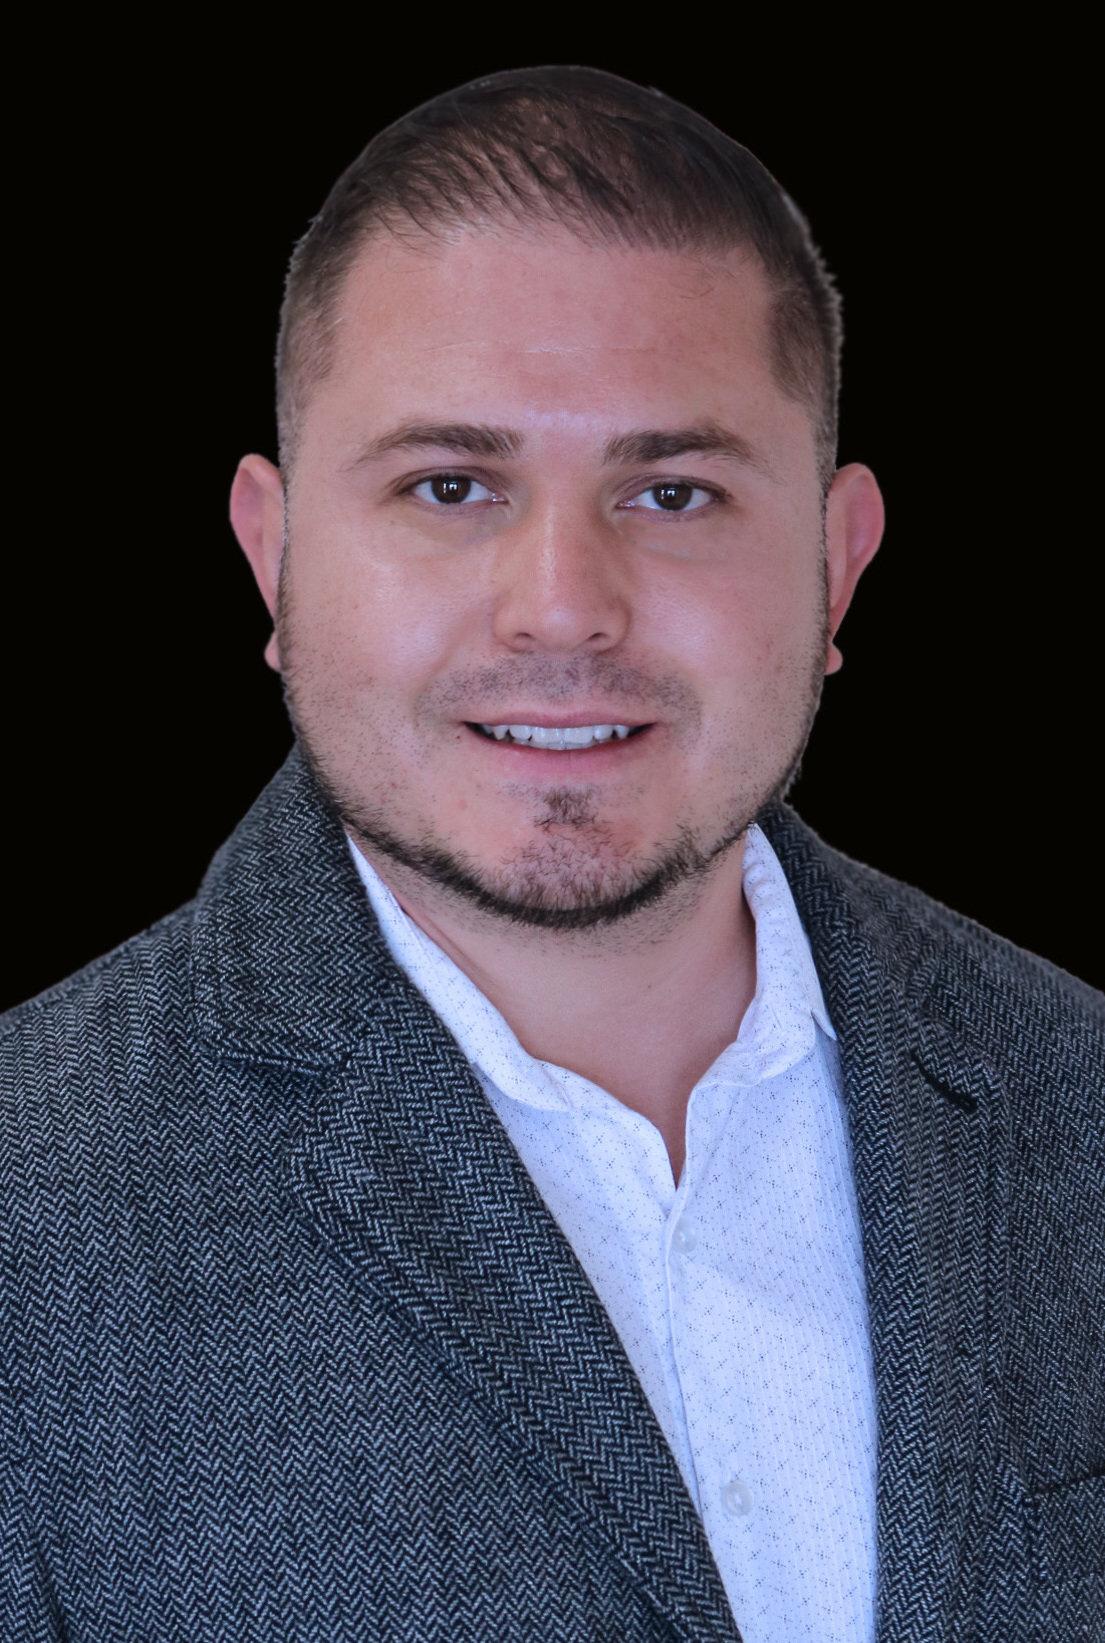 Tony Casados